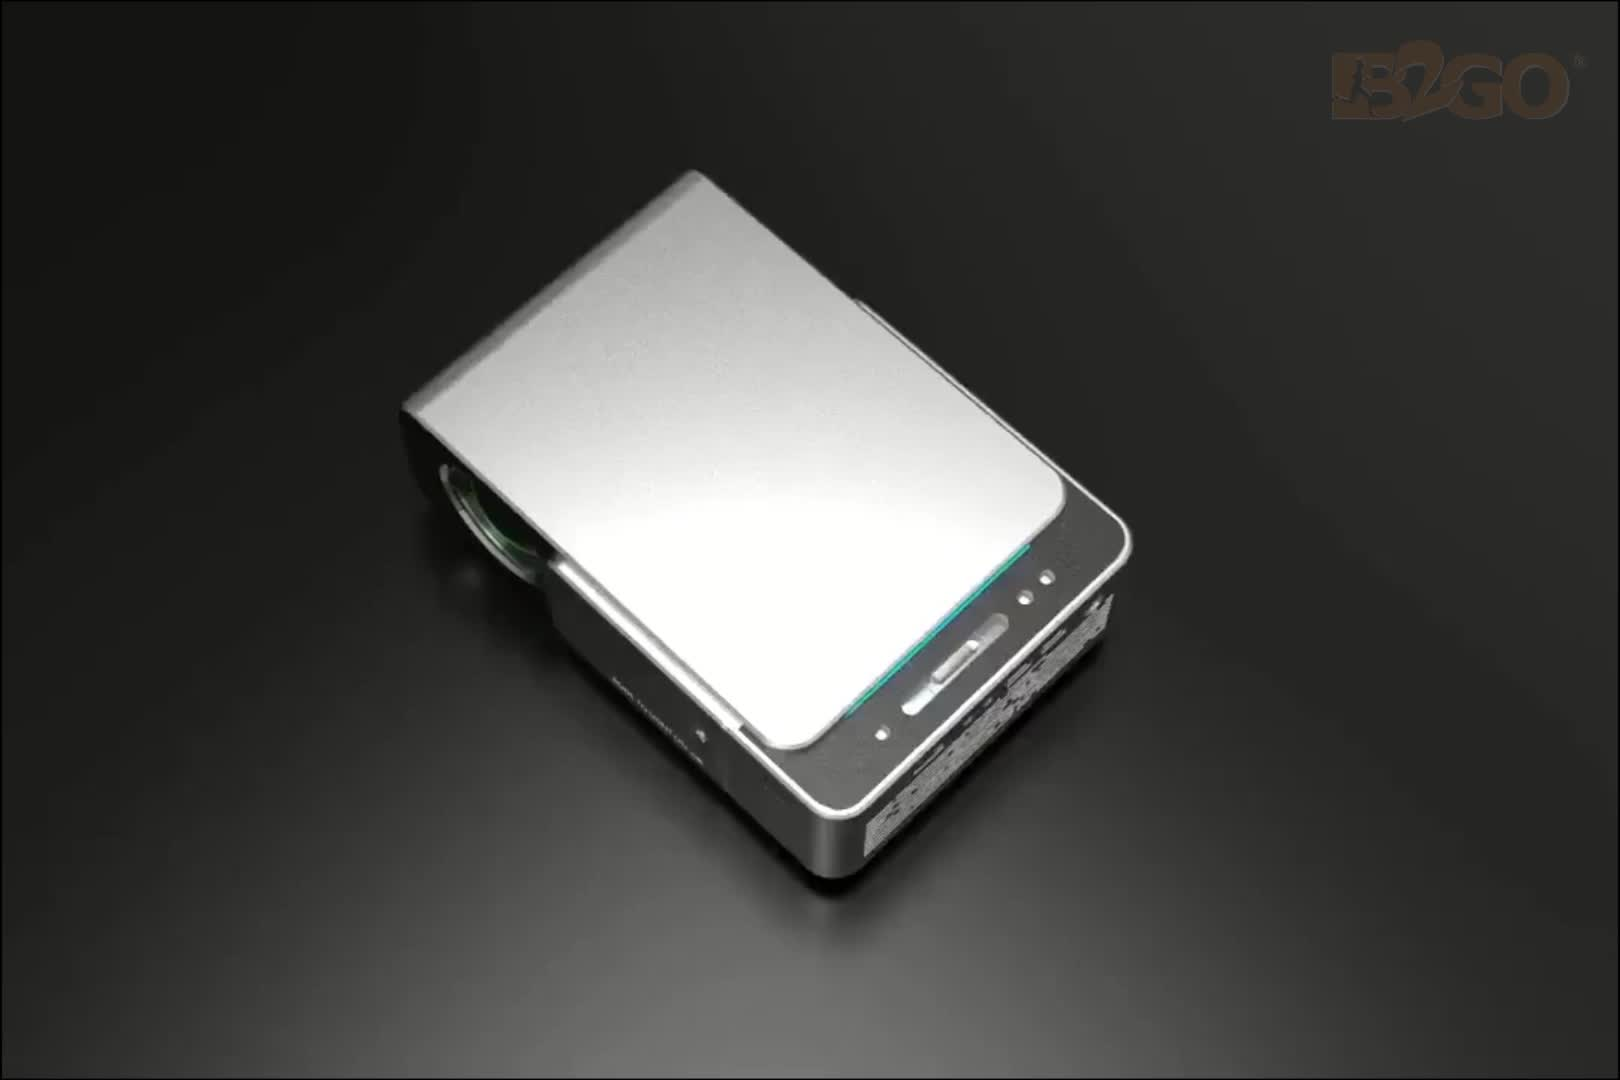 Горячая Распродажа LCD 3500 люмен 170 дюймов 1280*800 разрешение 3D микро Короткий бросок светодиодный мини-проектор 4k